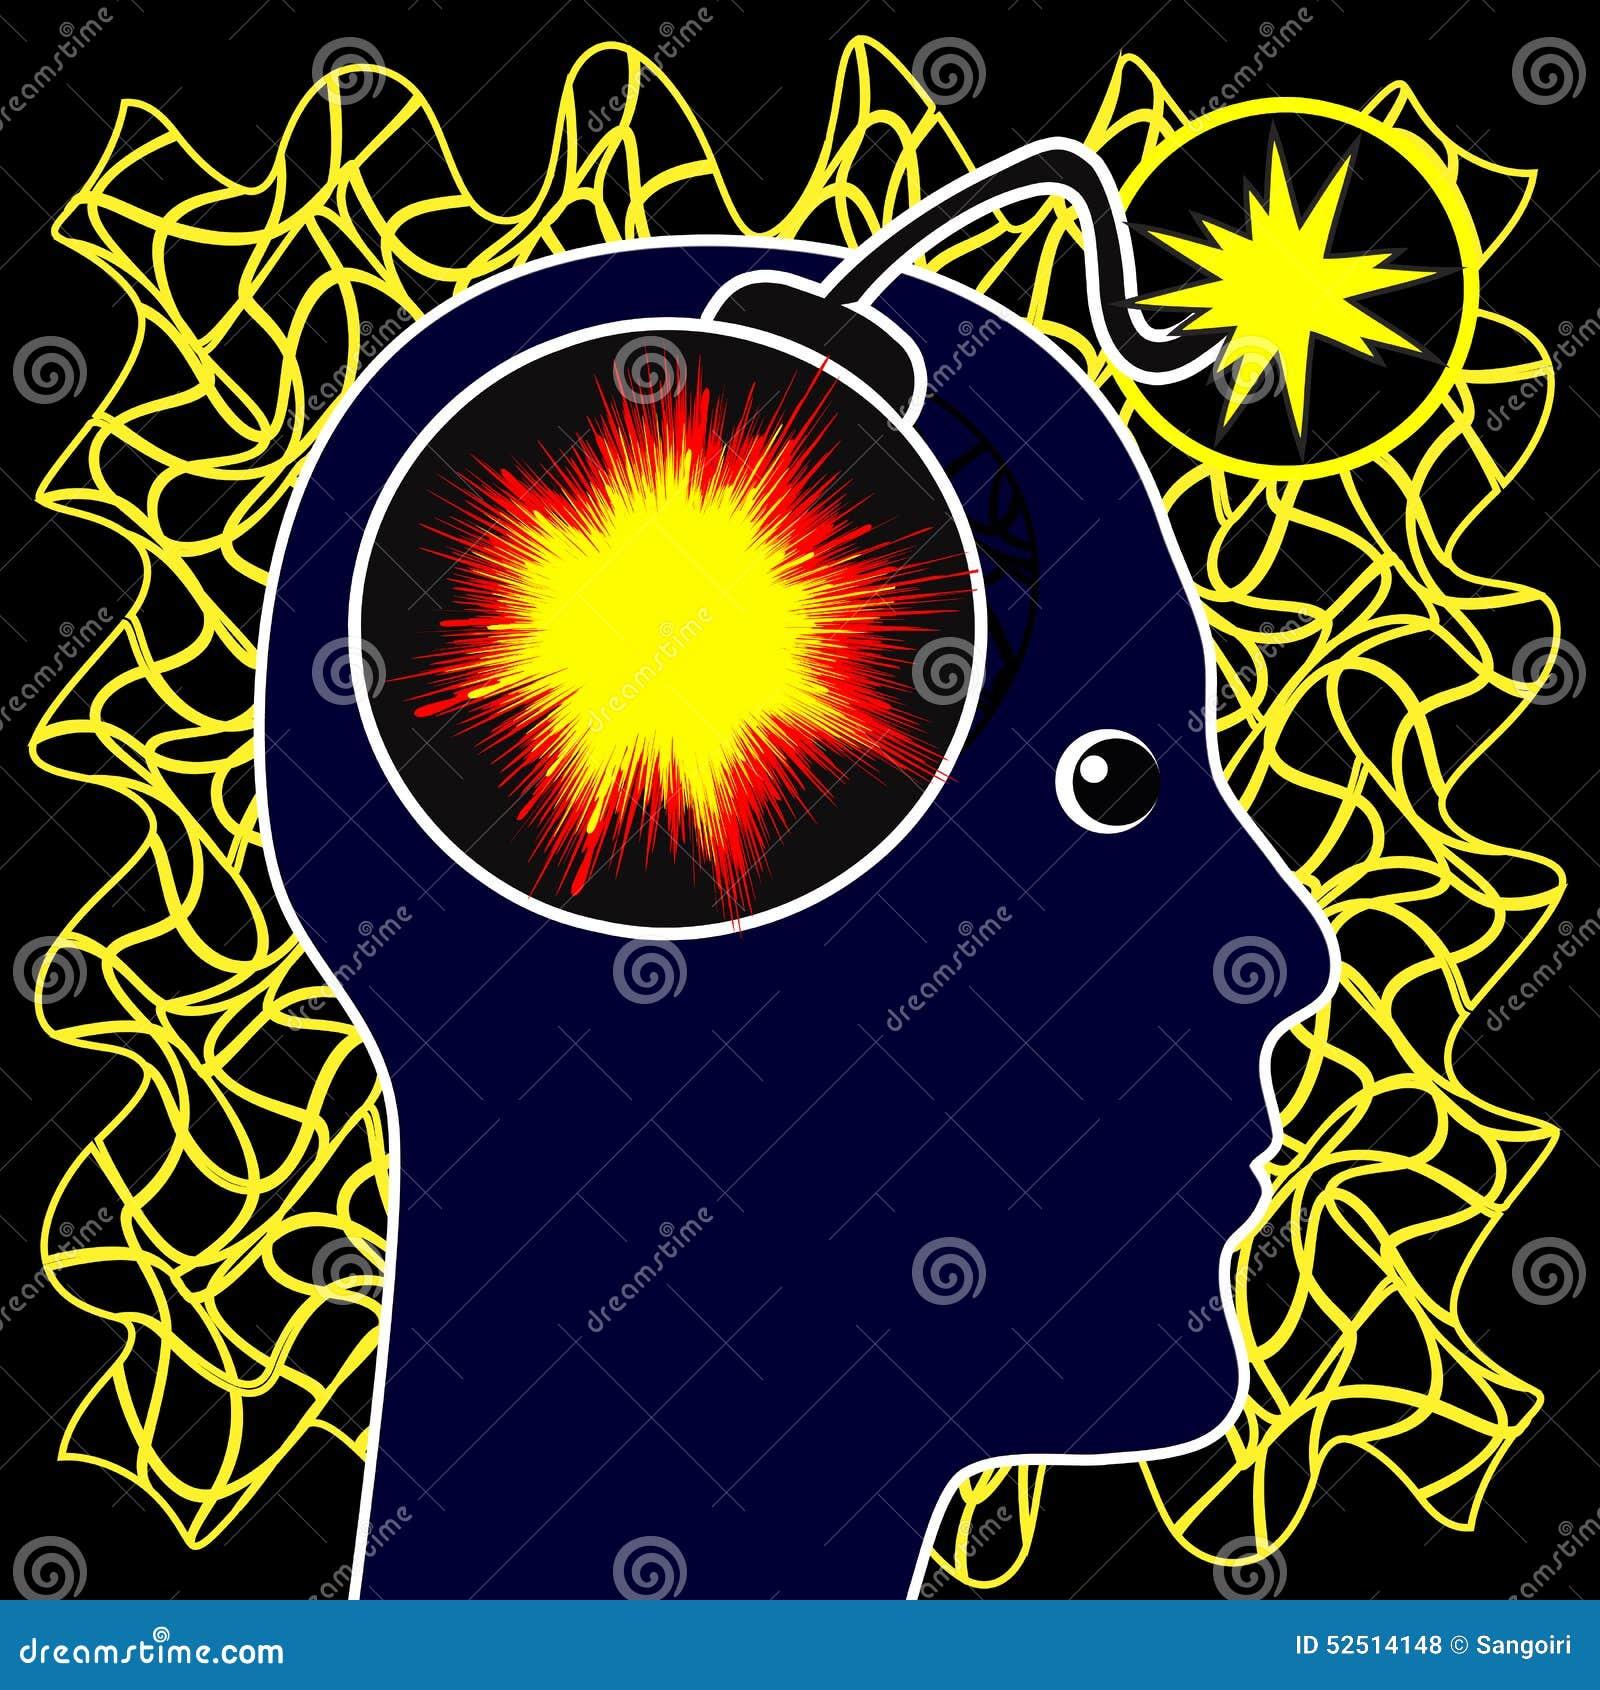 Epilepsy Concept Stock Illustration - Image: 52514148